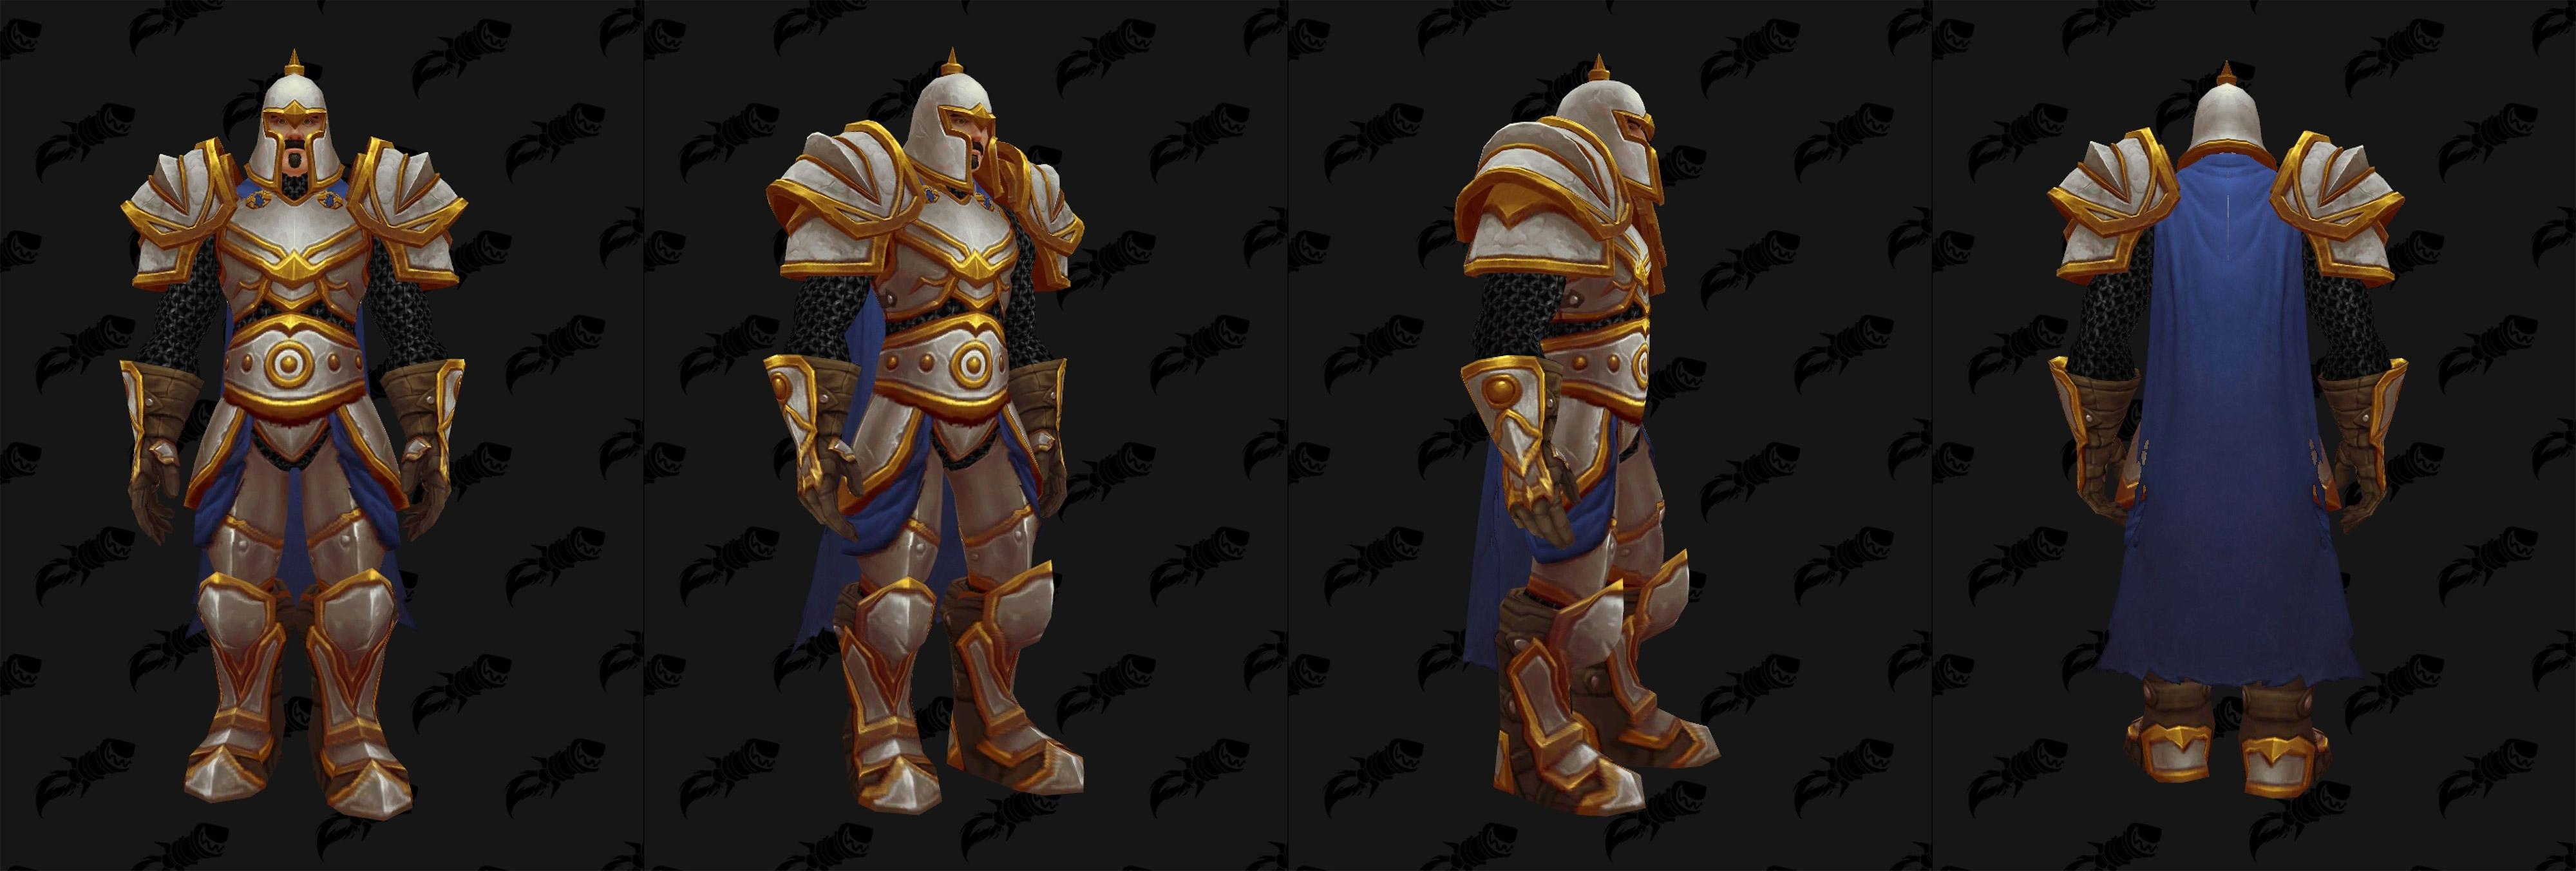 Armures plaques (Alliance) - Fronts de guerre Tier 1 - Coloris 1